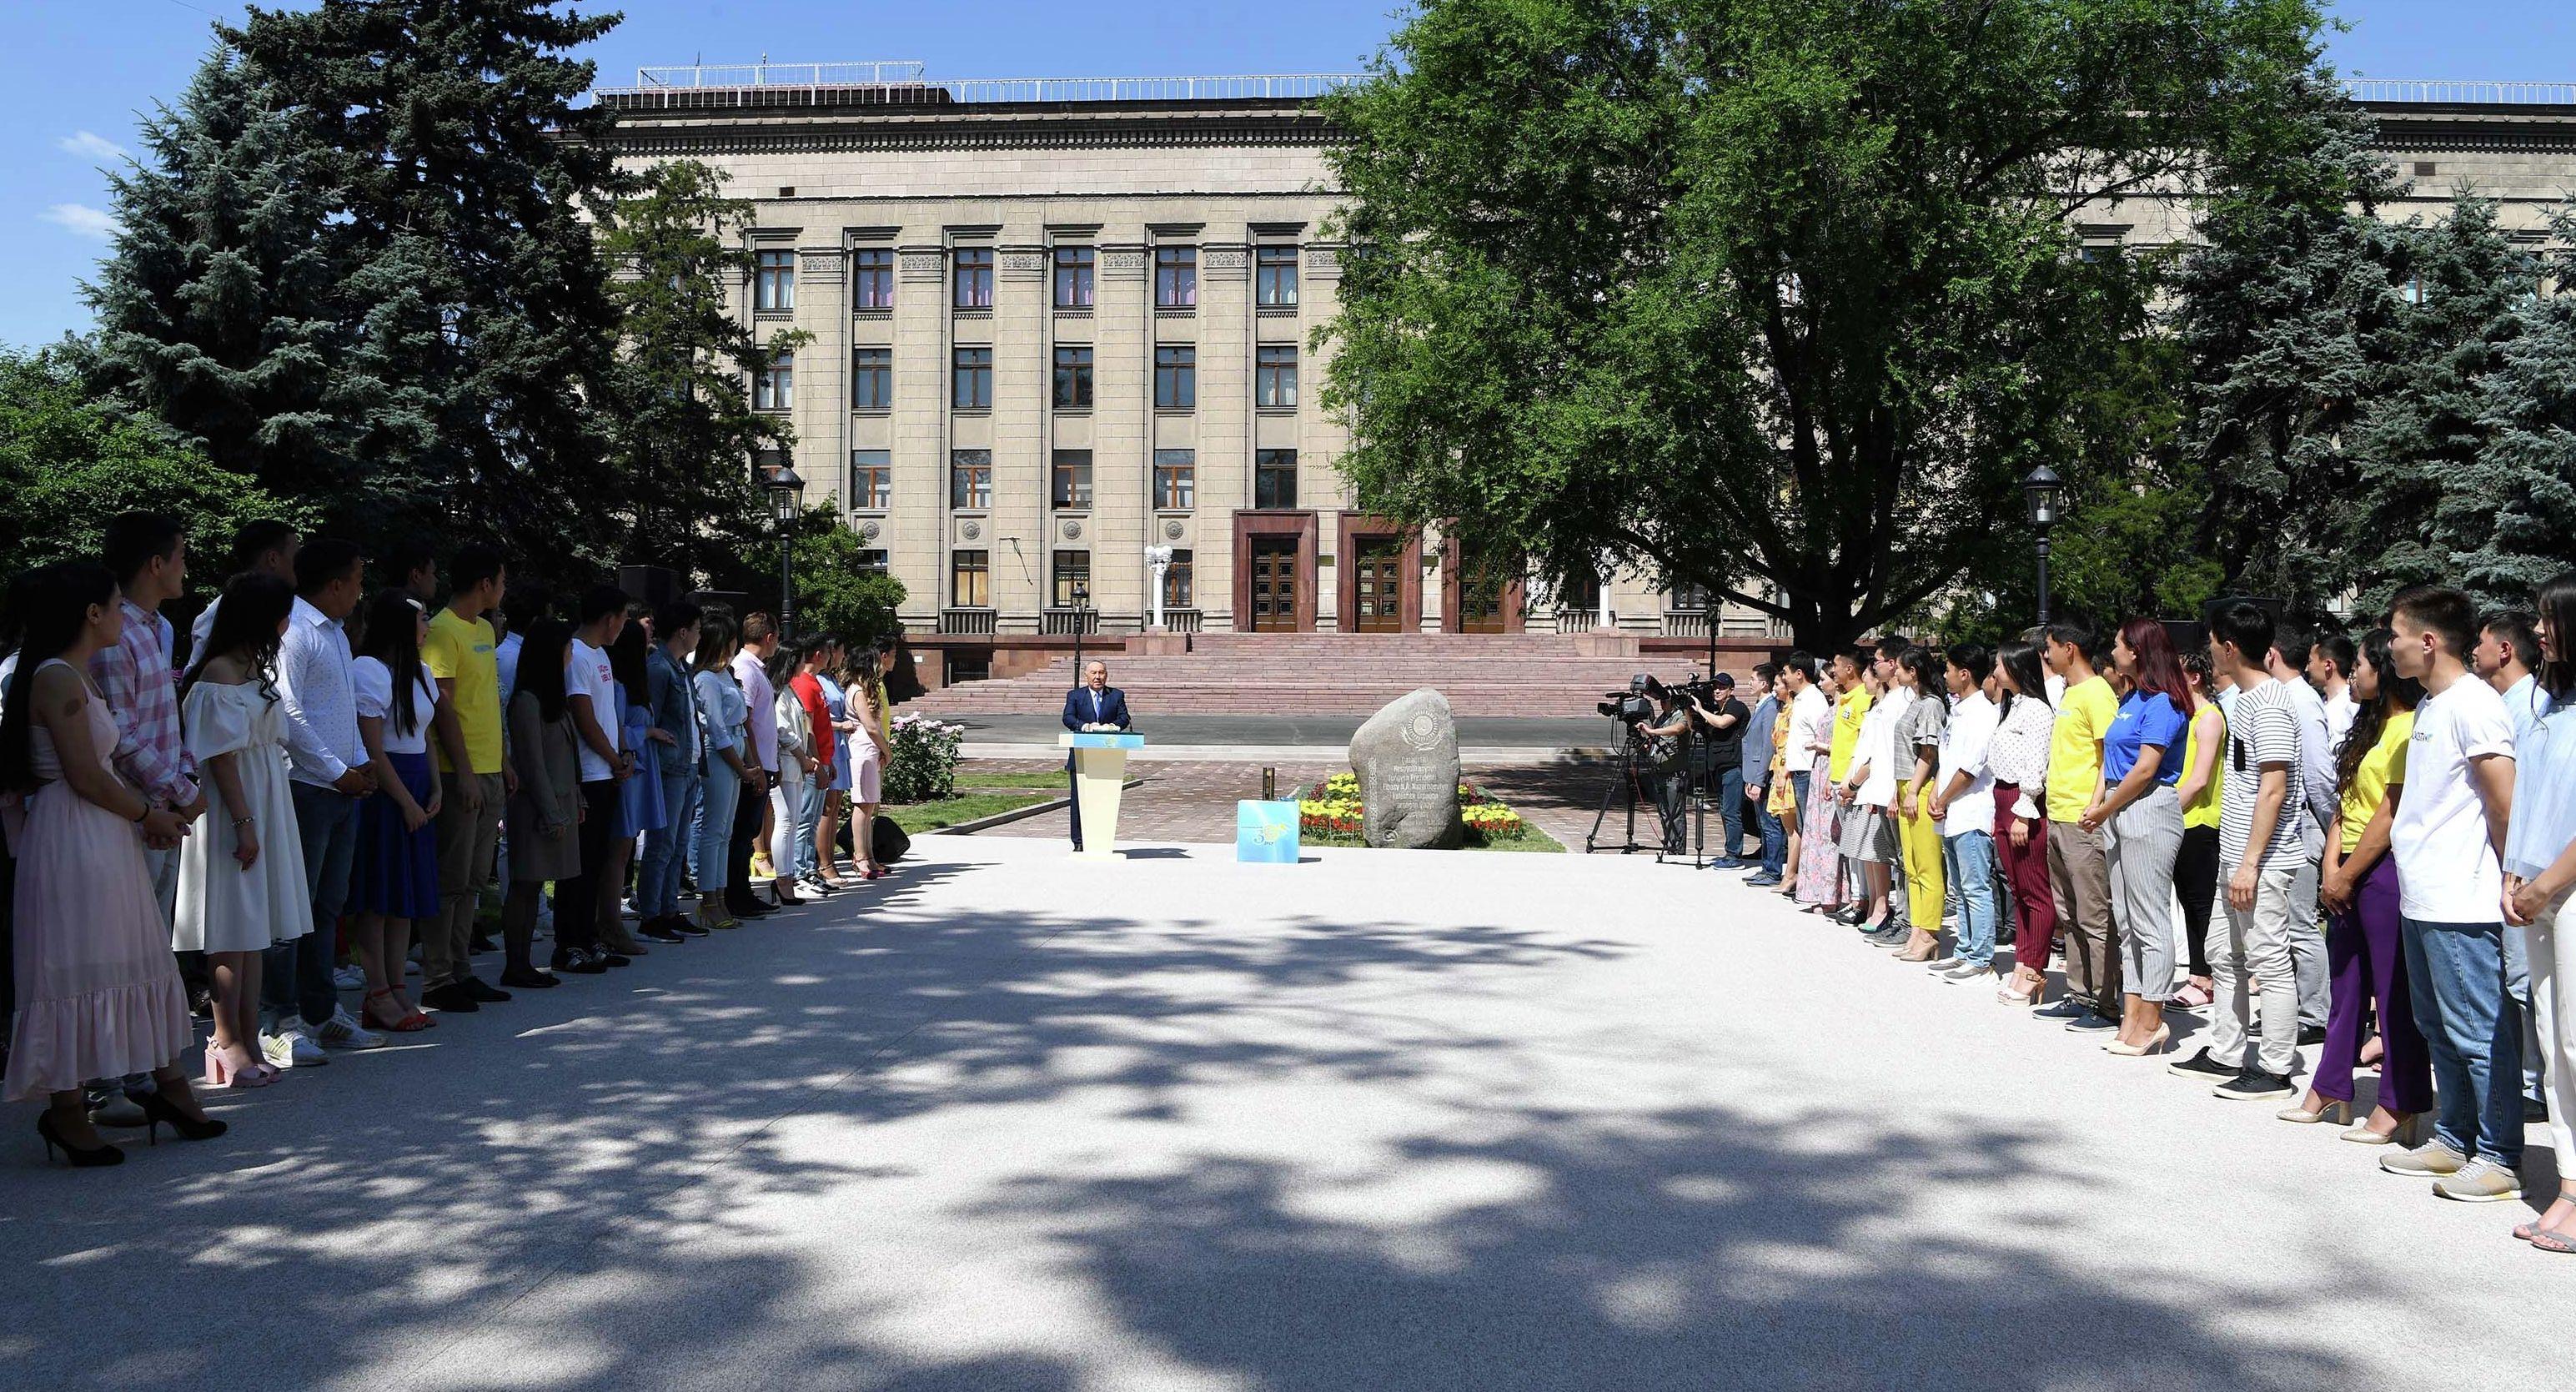 Первый президент Казахстана Нурсултан Назарбаев во время церемонии закладки капсулы времени в Алматы